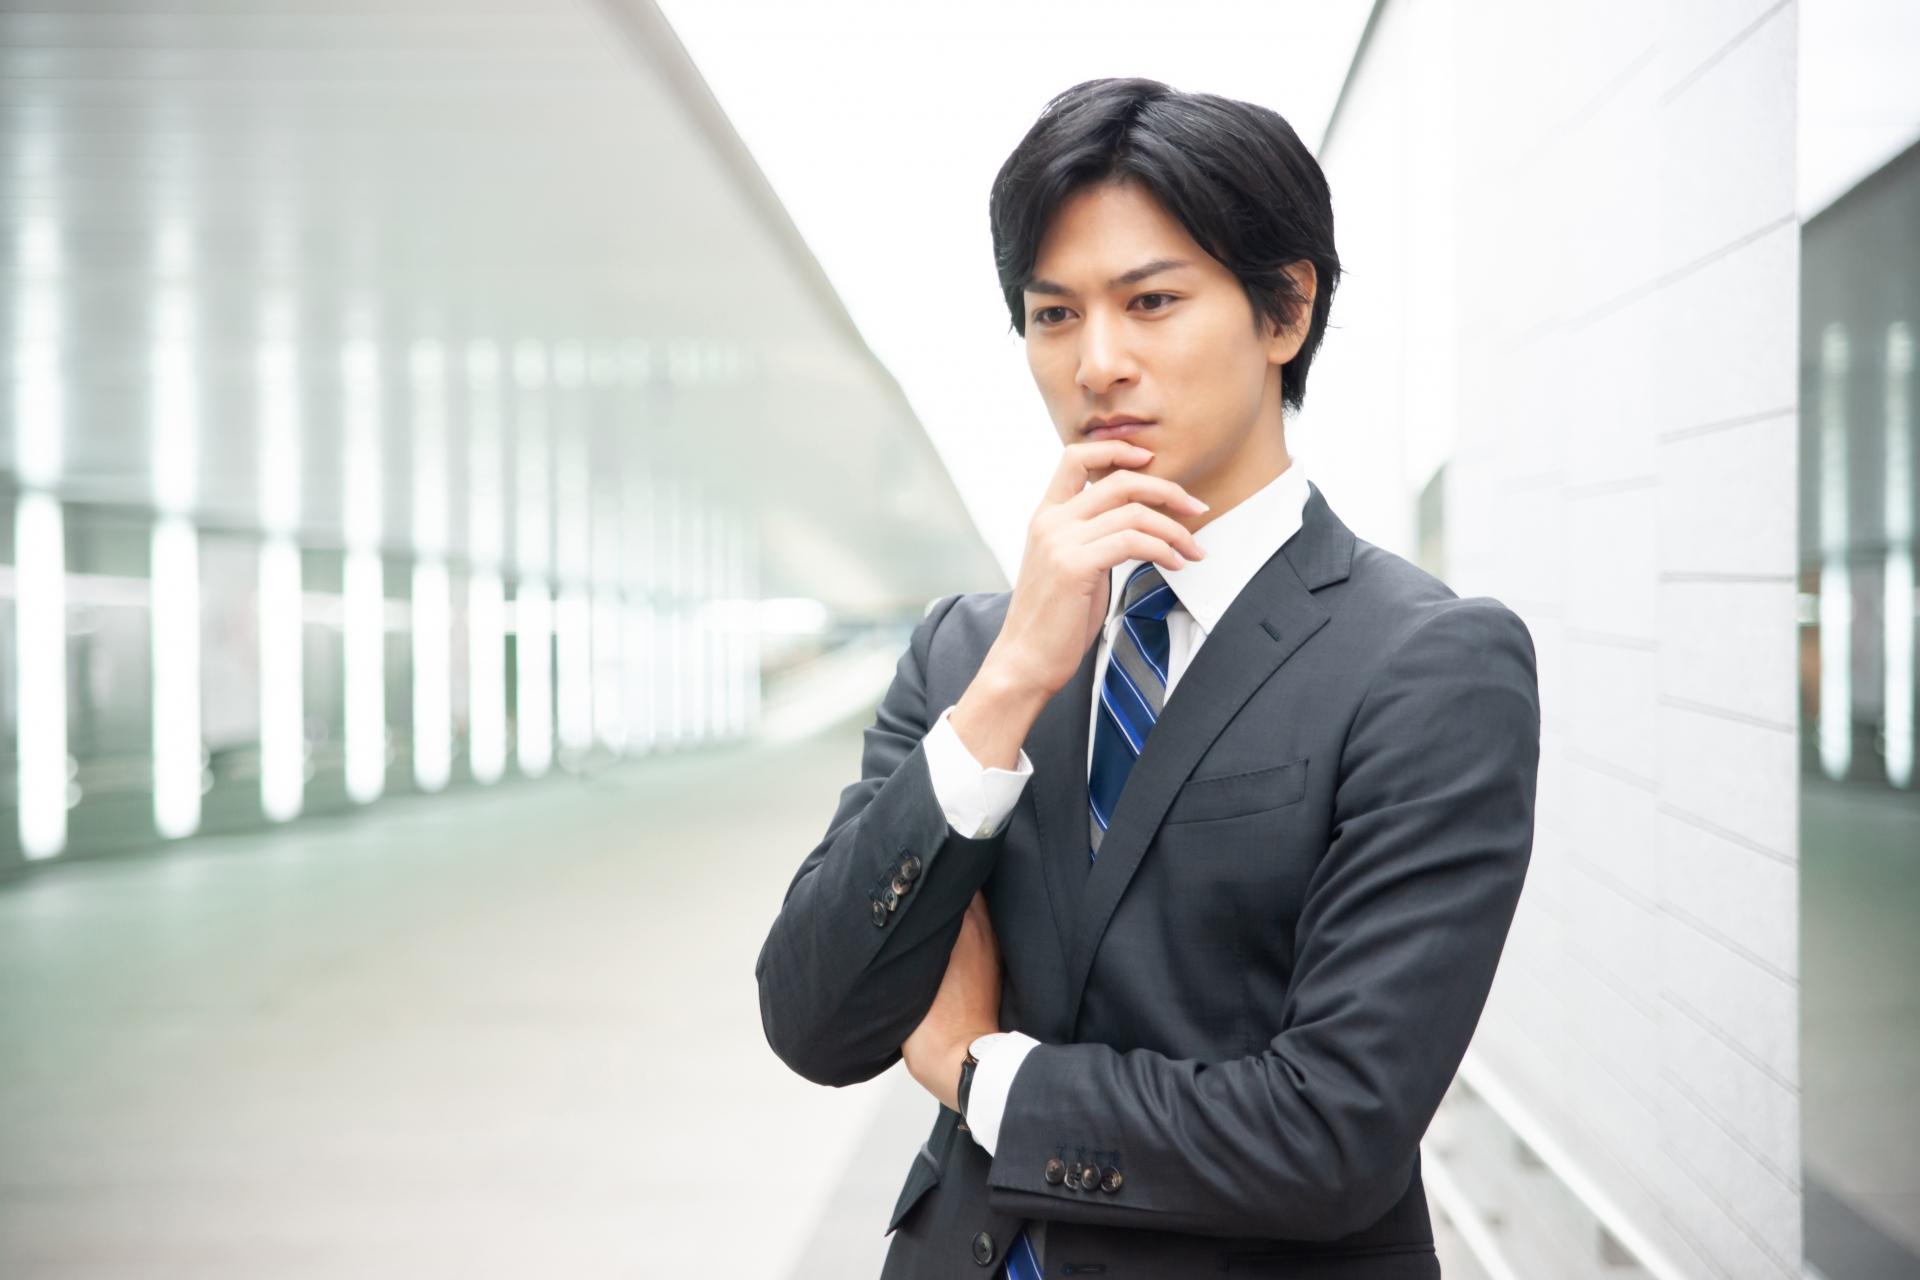 悩むビジネスマンのイメージ